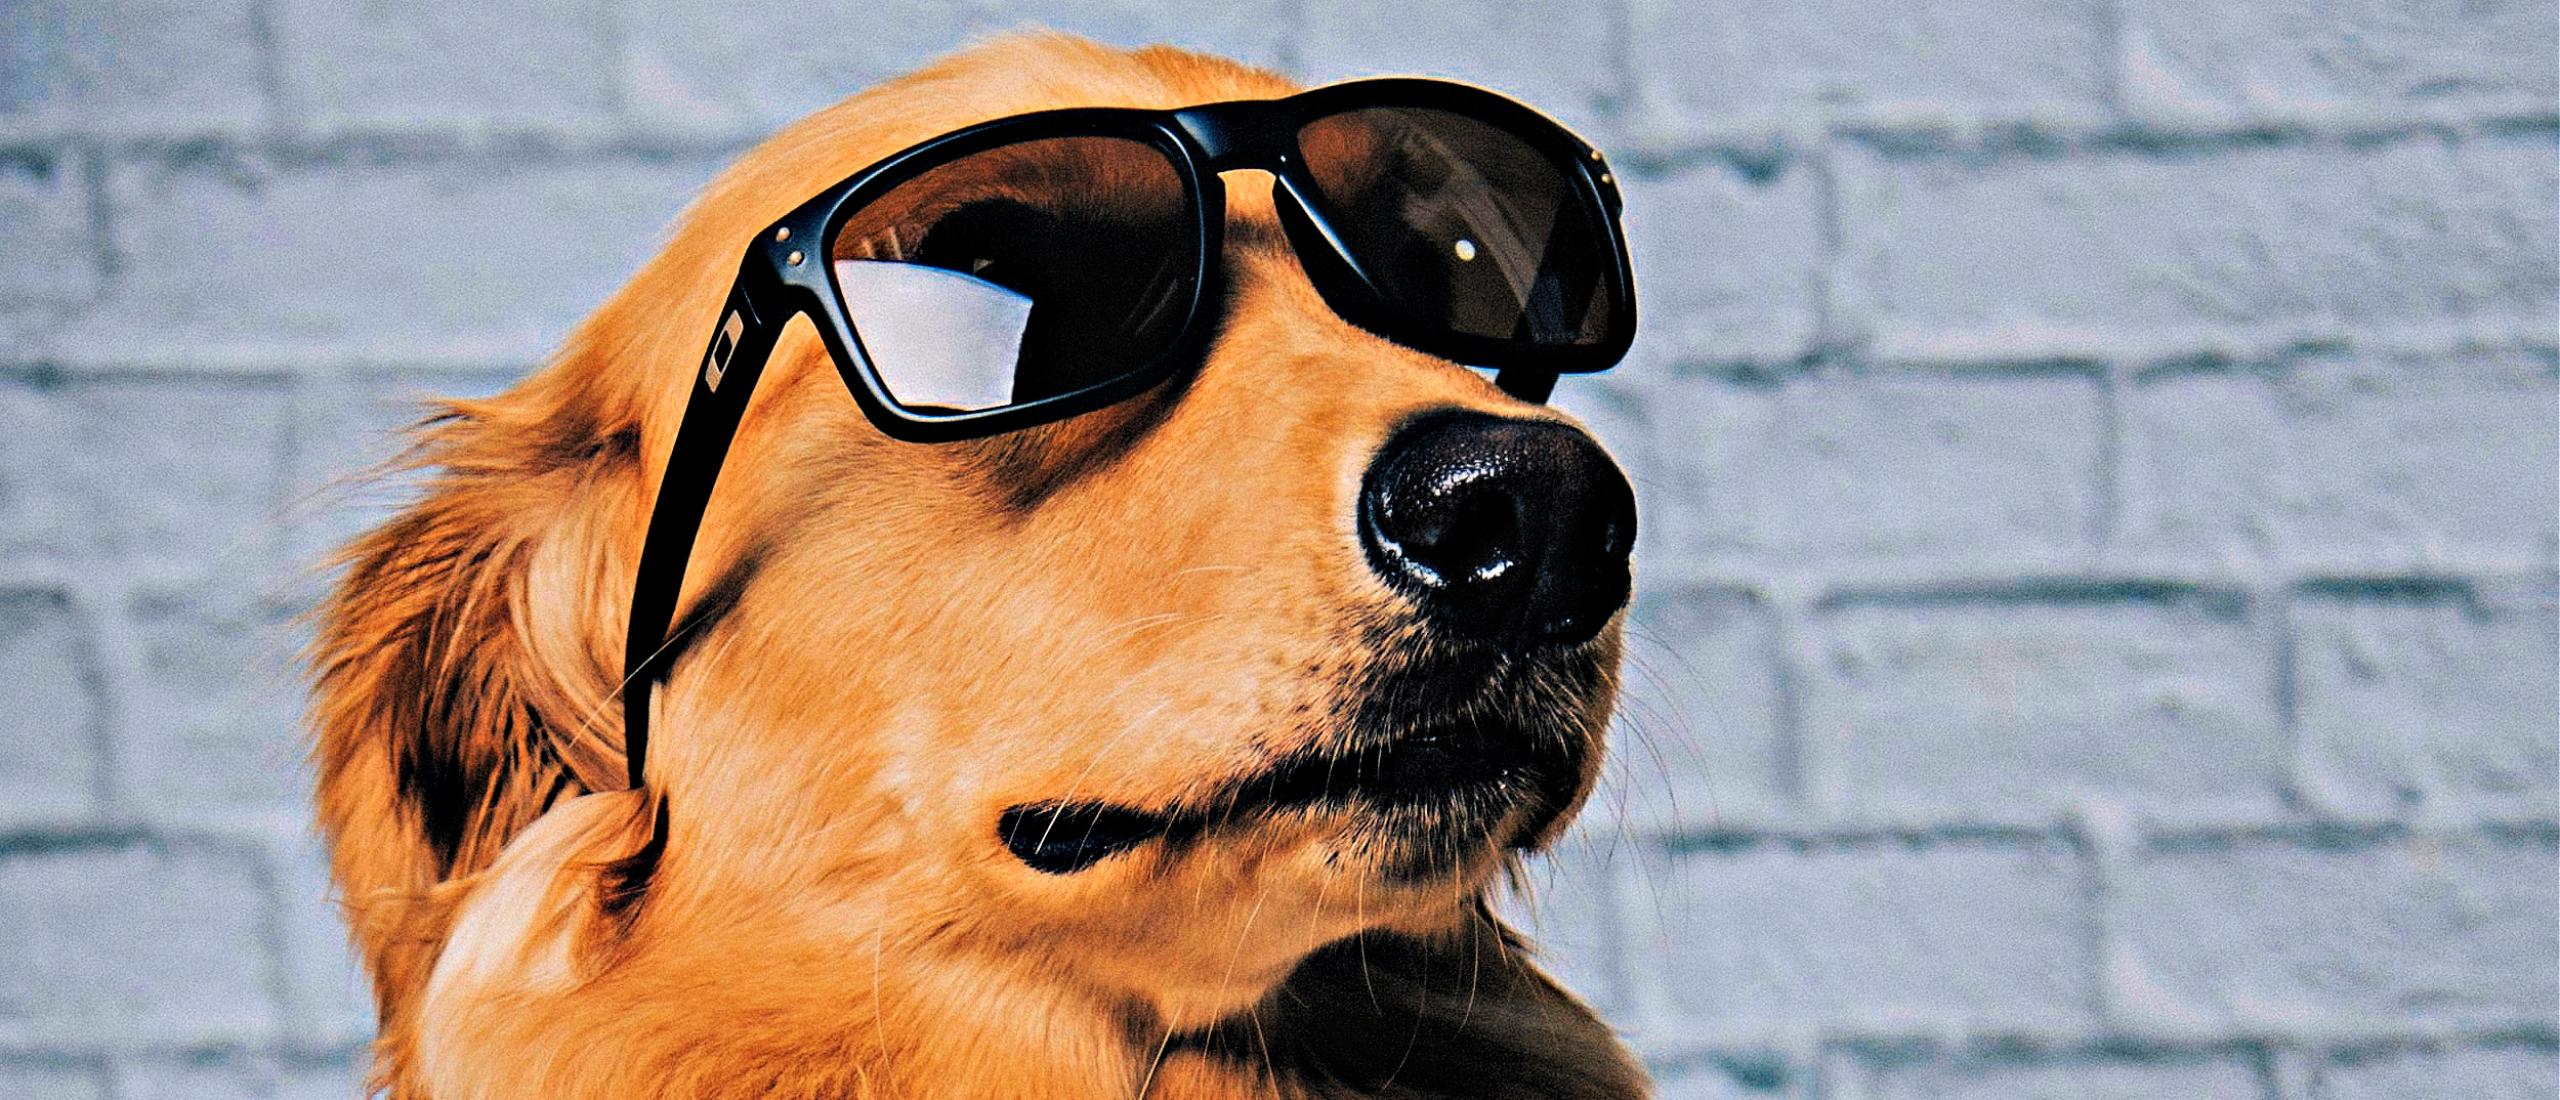 Ben jij ook zo'n trouwe hond?